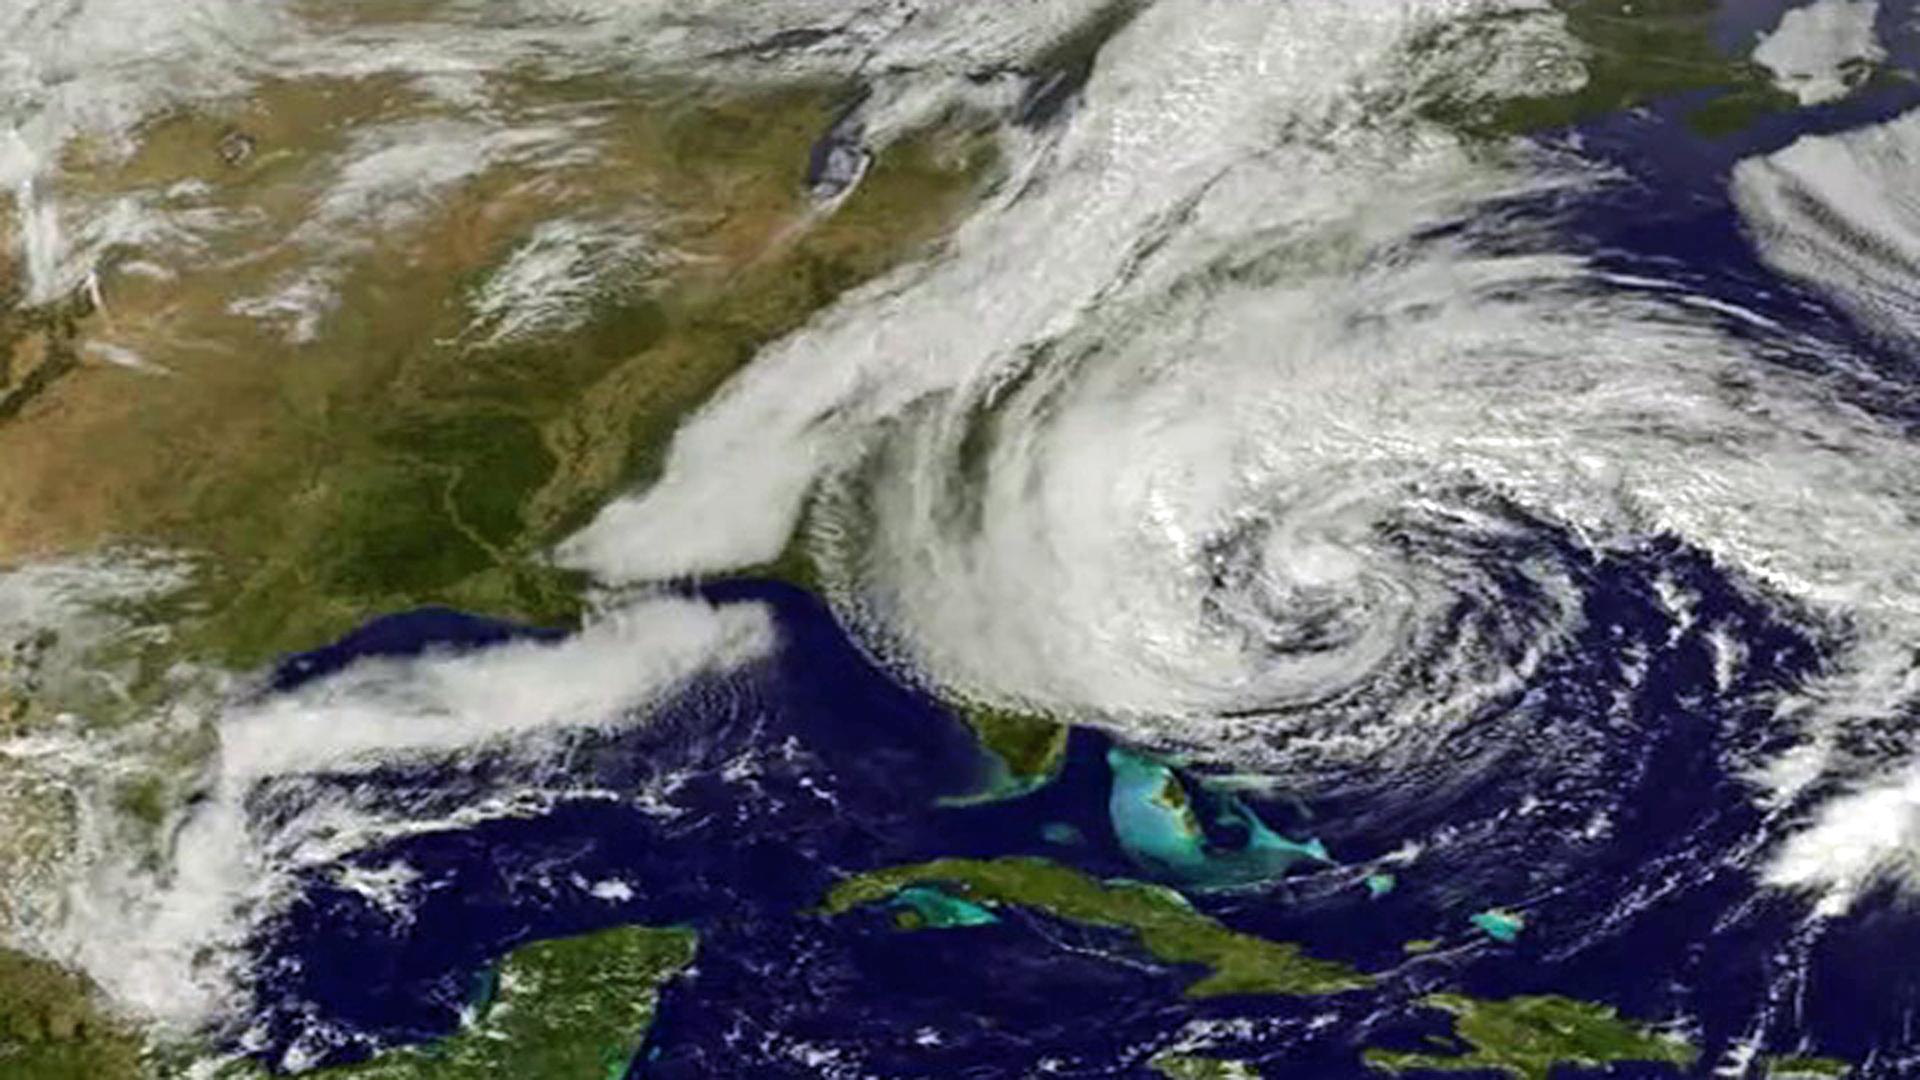 Le tempeste oceaniche più potenti sembrano essere in grado di generare terremoti di lieve intensità